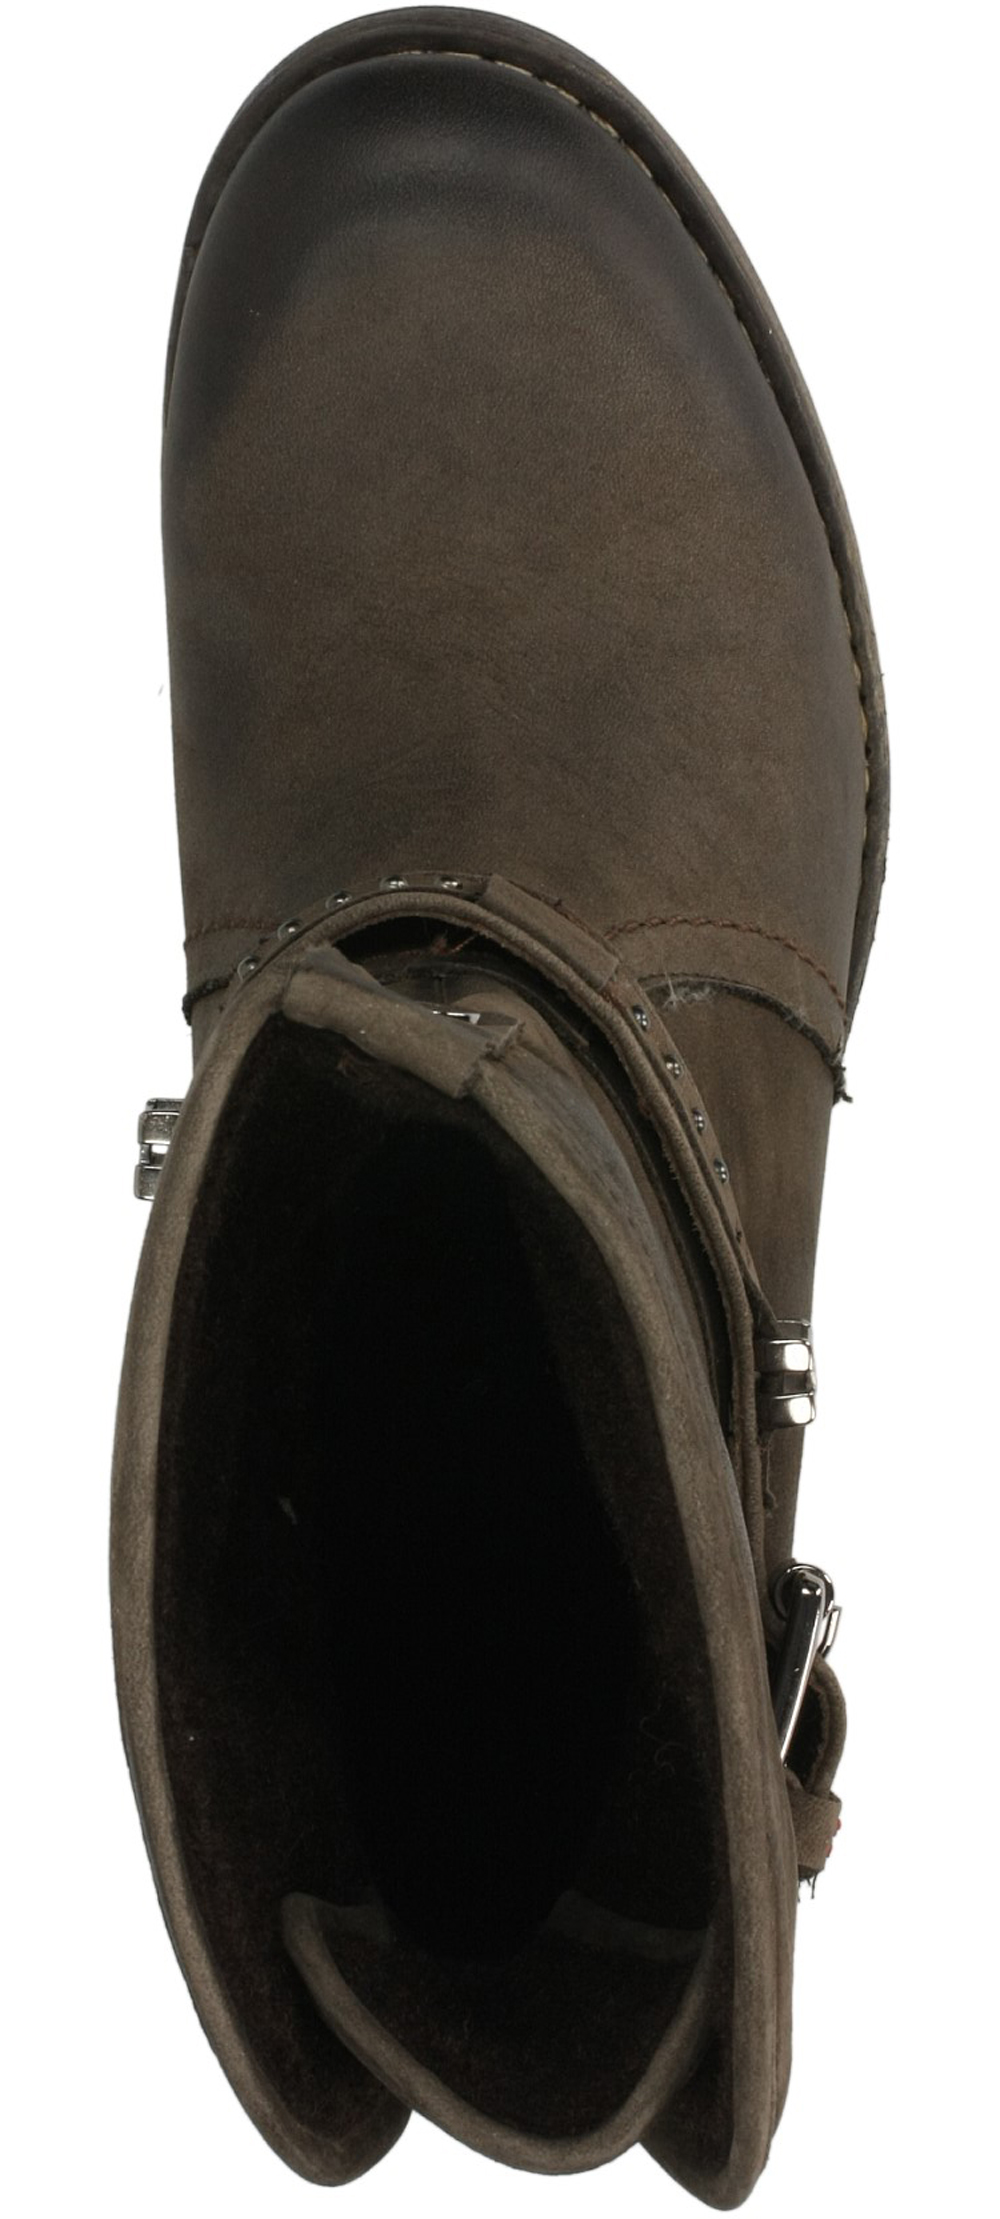 BOTKI CARINII B1808 wysokosc_obcasa 3 cm